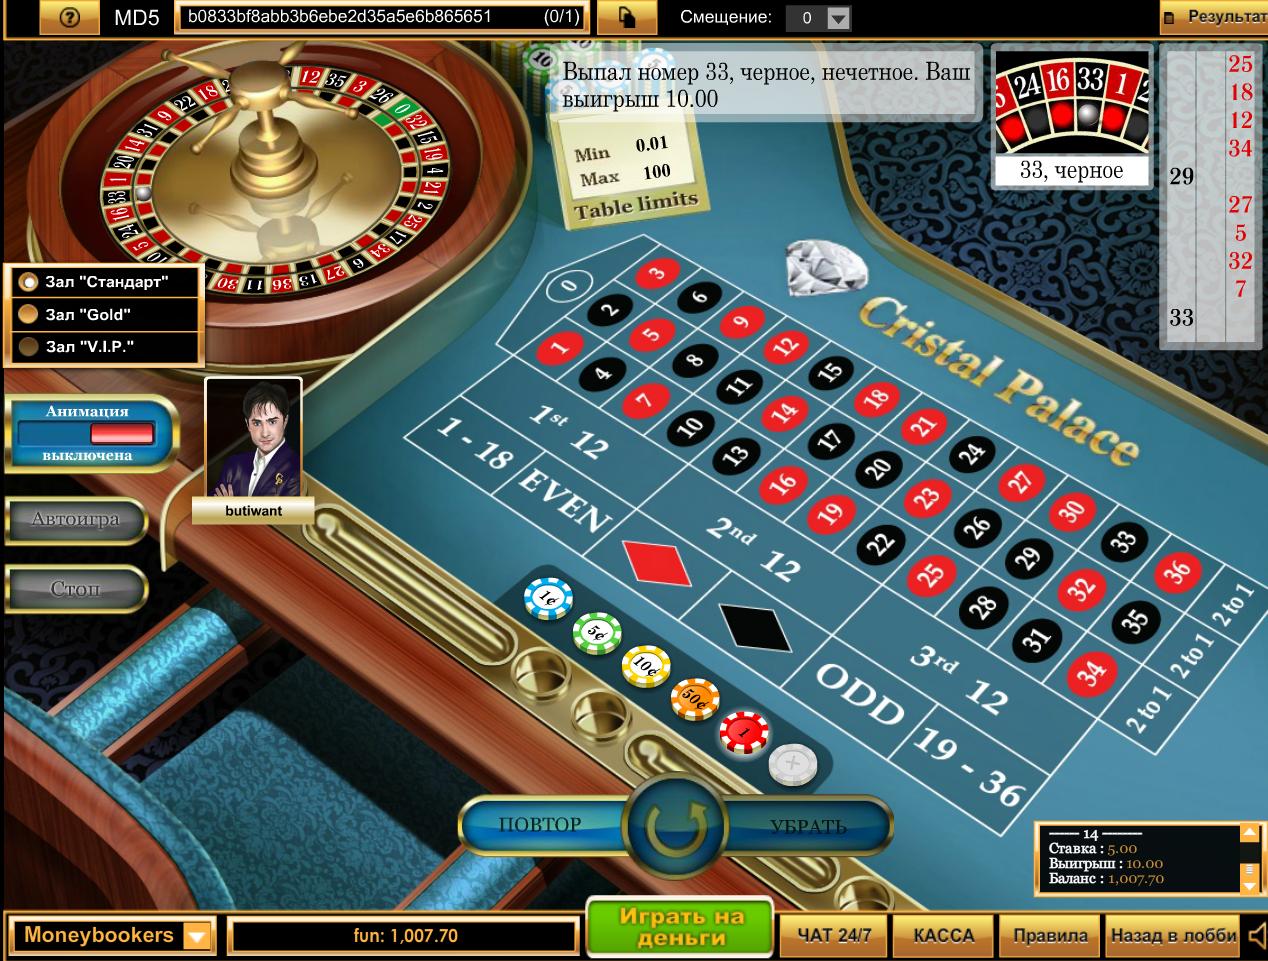 Отзывы игра онлайн в казино интернет казино игровых аппаратов